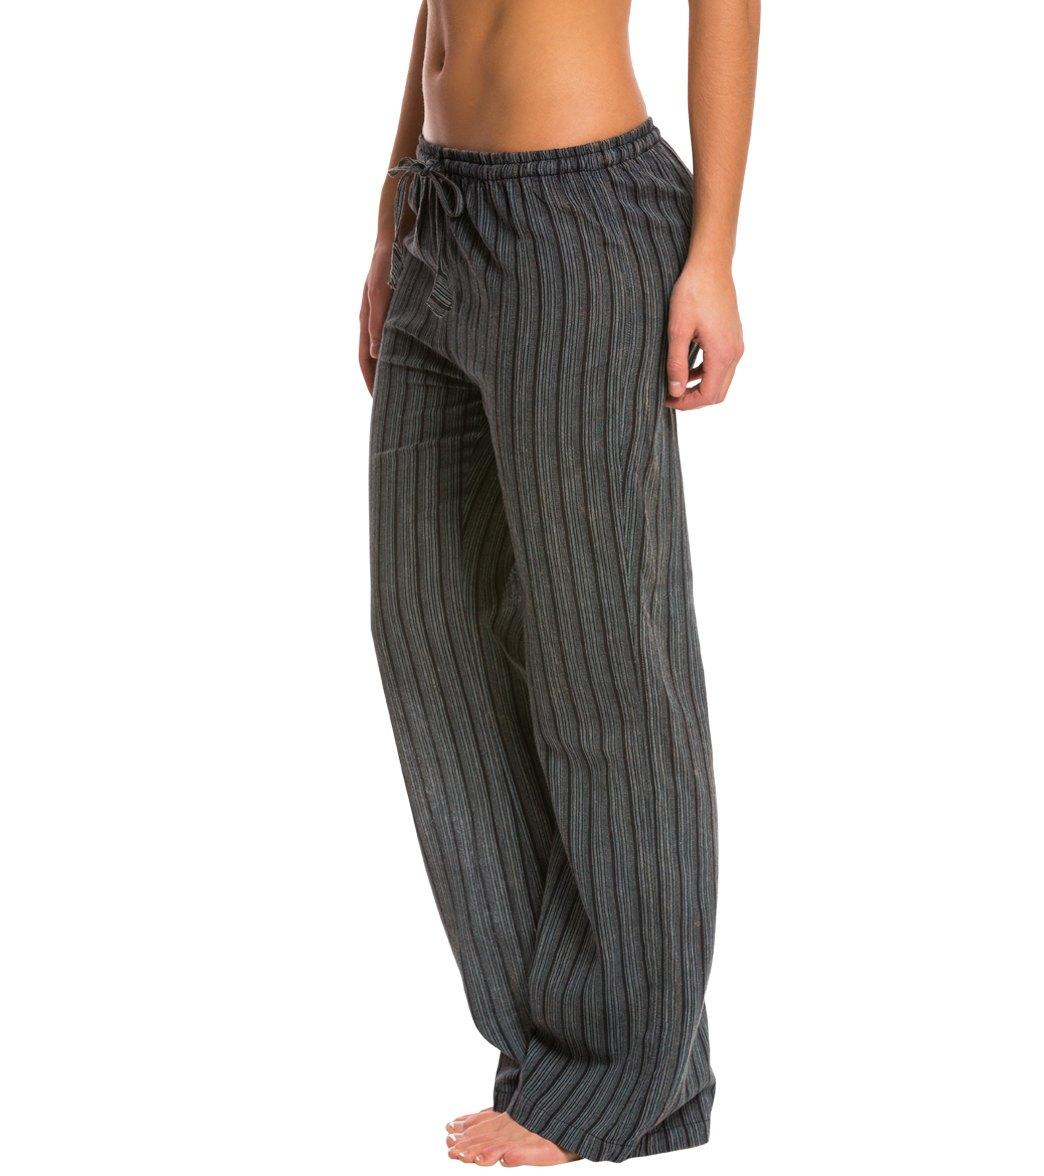 0a1d3da74f Yak & Yeti Cotton Yoga Pants at YogaOutlet.com